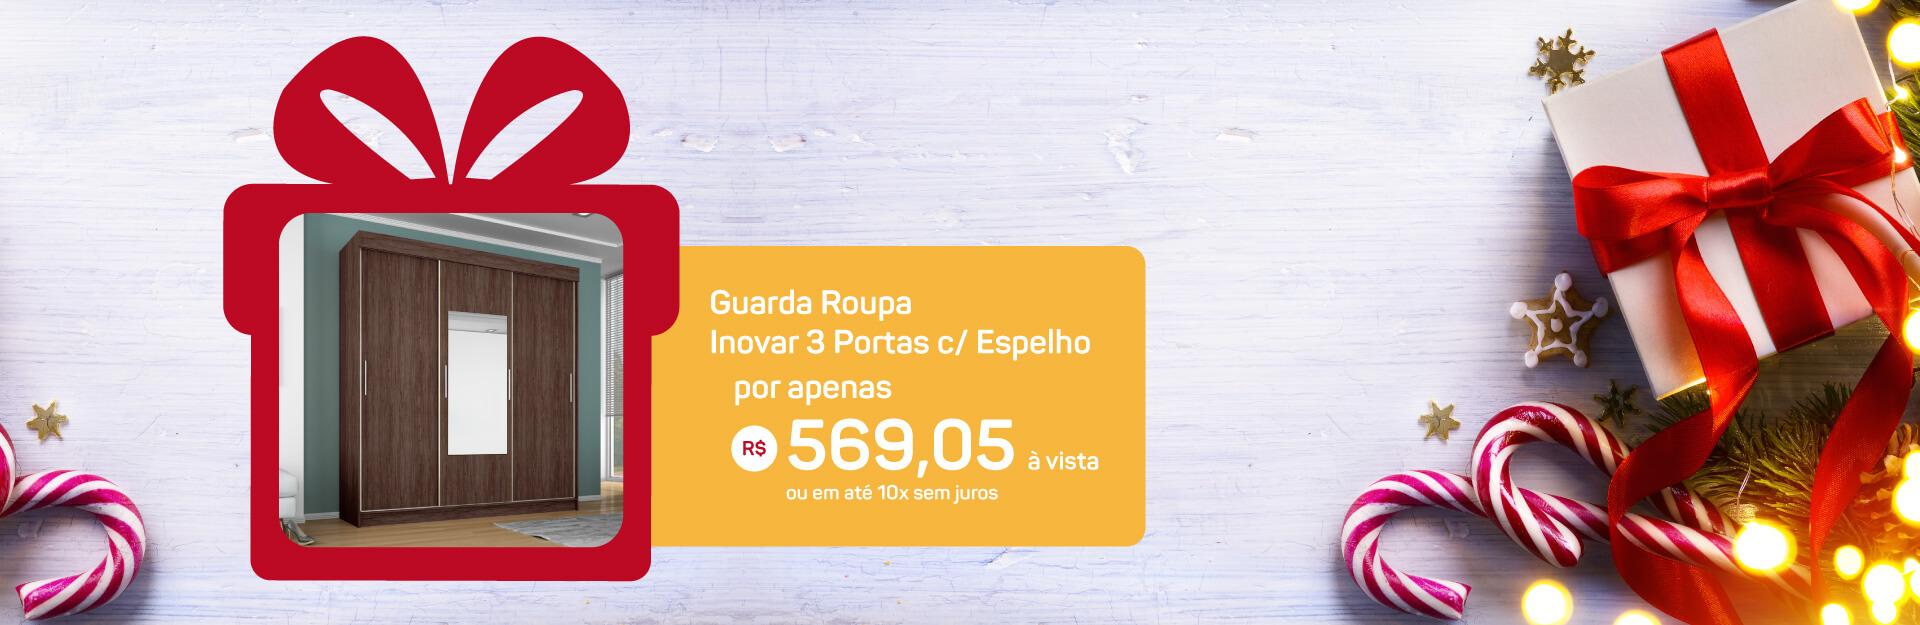 Banner Guarda Roupa Inovar